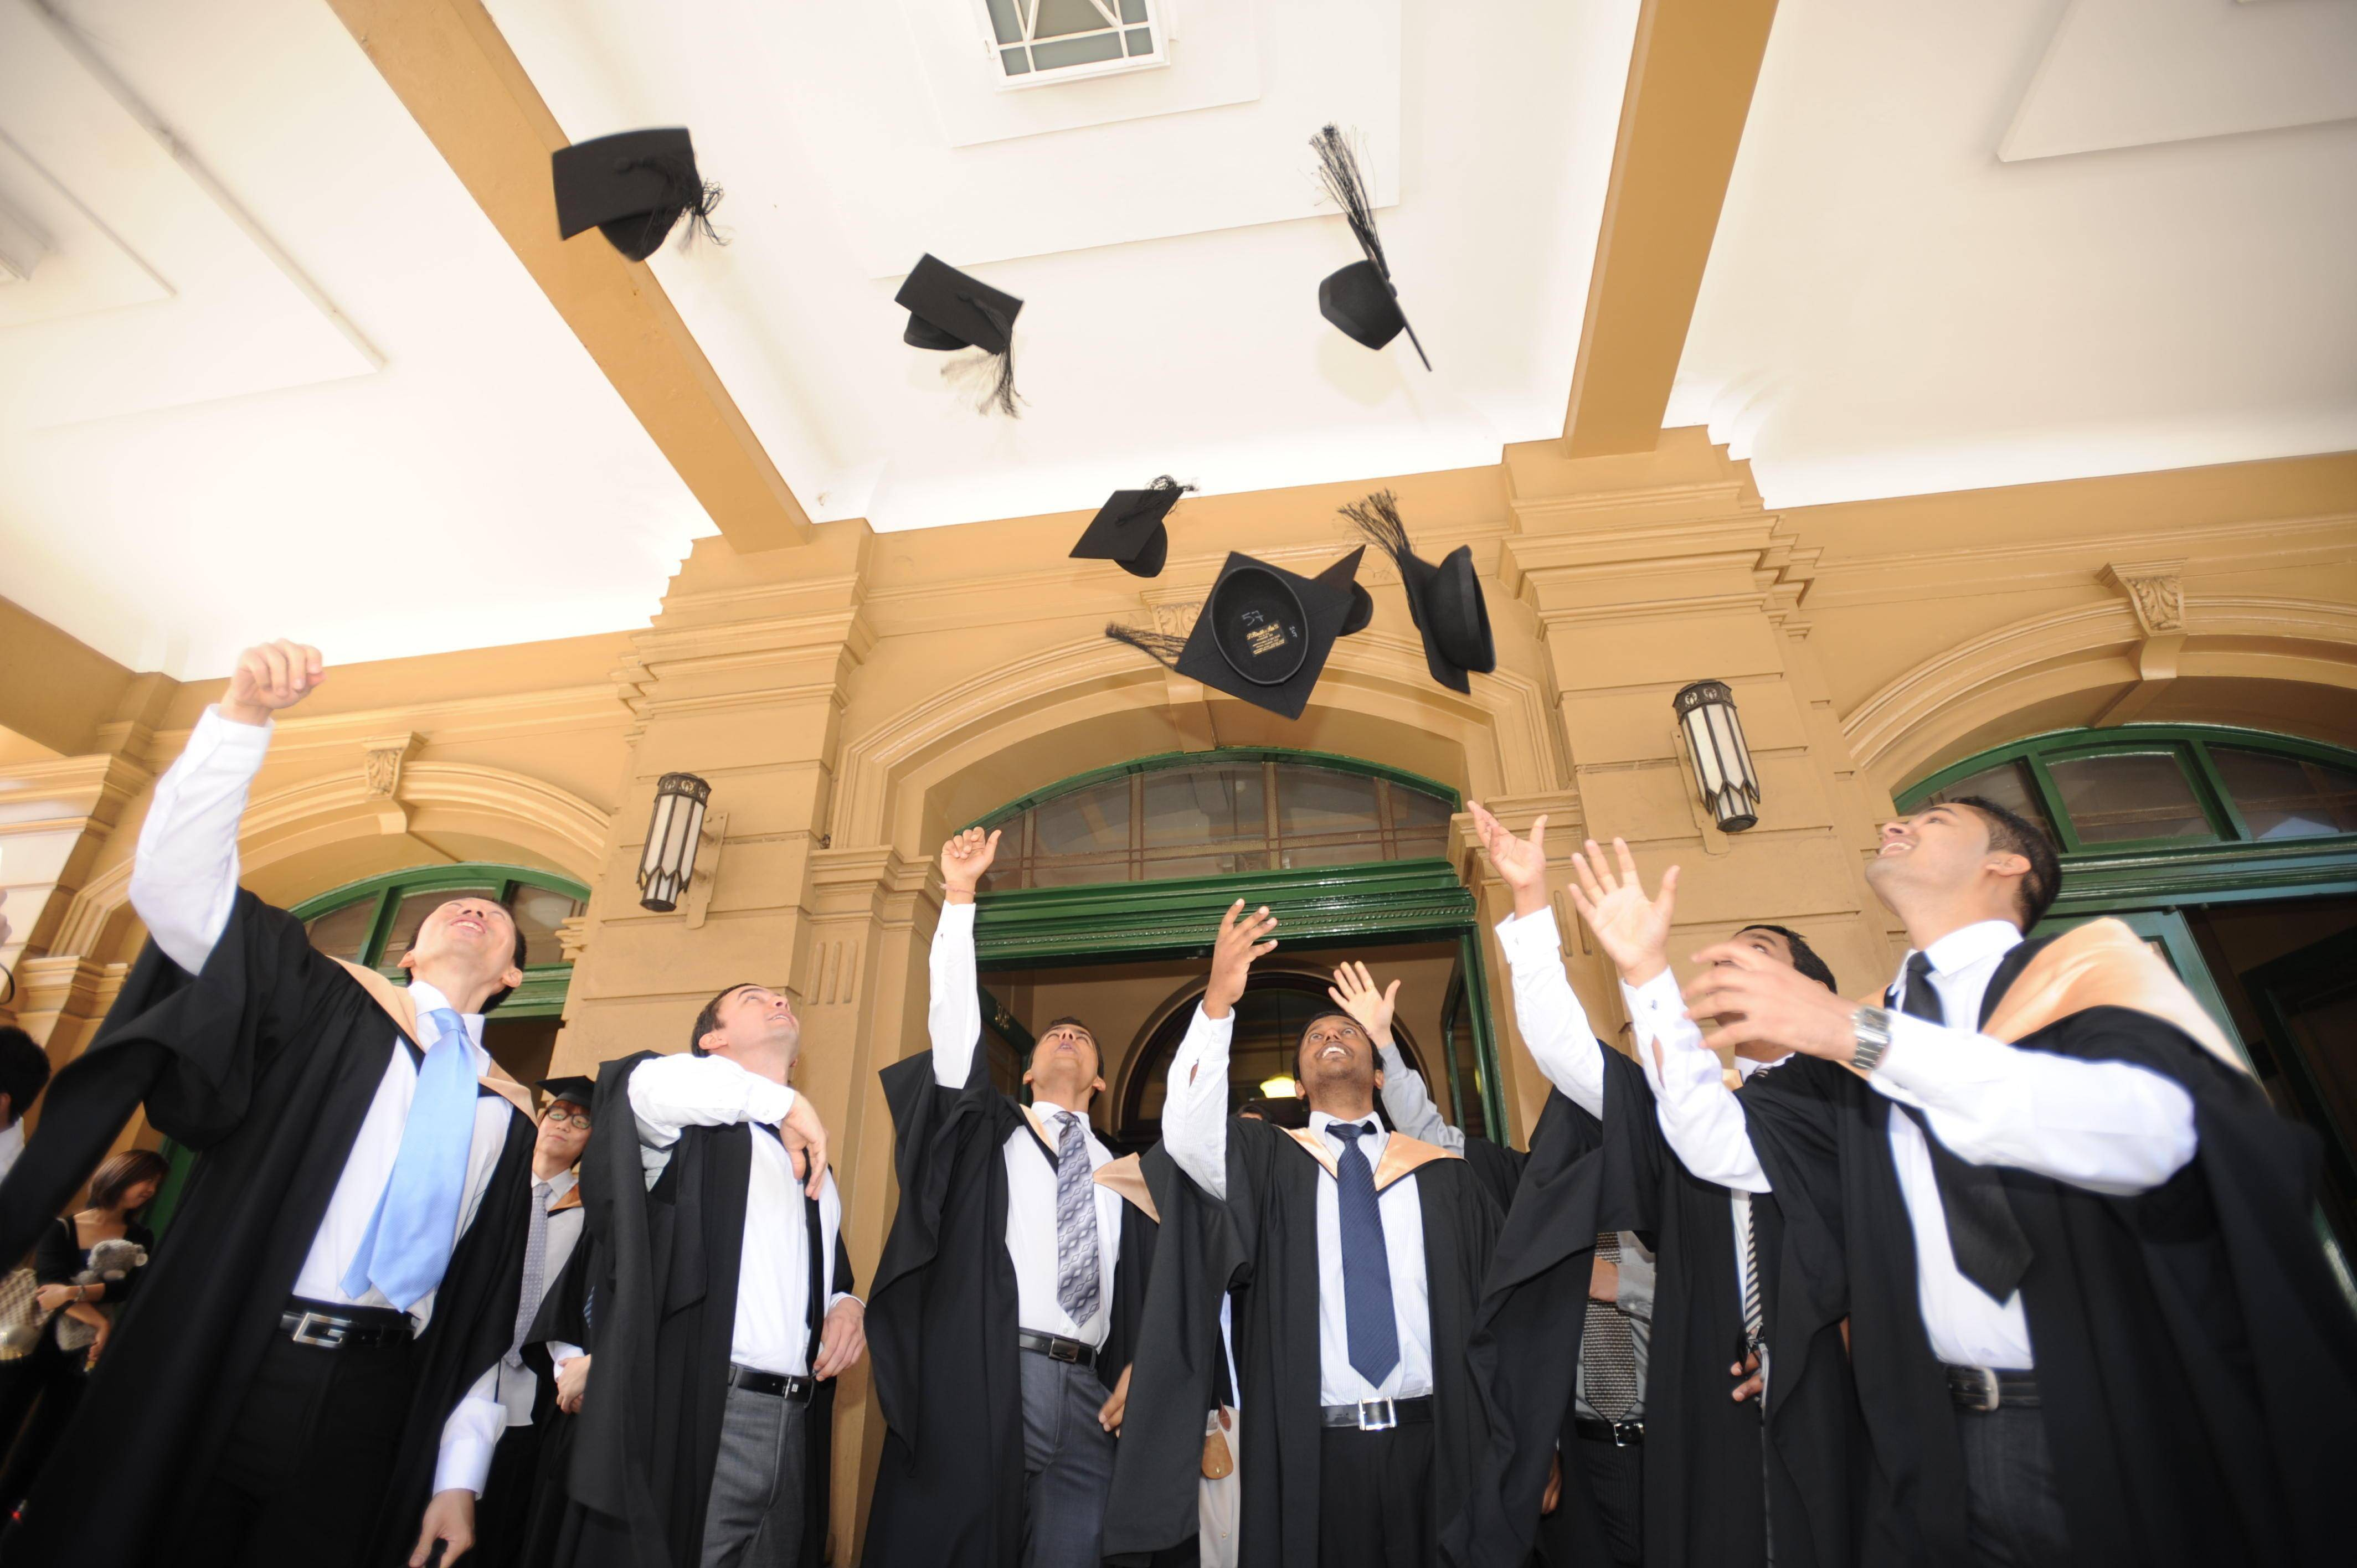 中国有2亿大学生算多吗?梁建章:日韩比例更高,中国未来需要更多